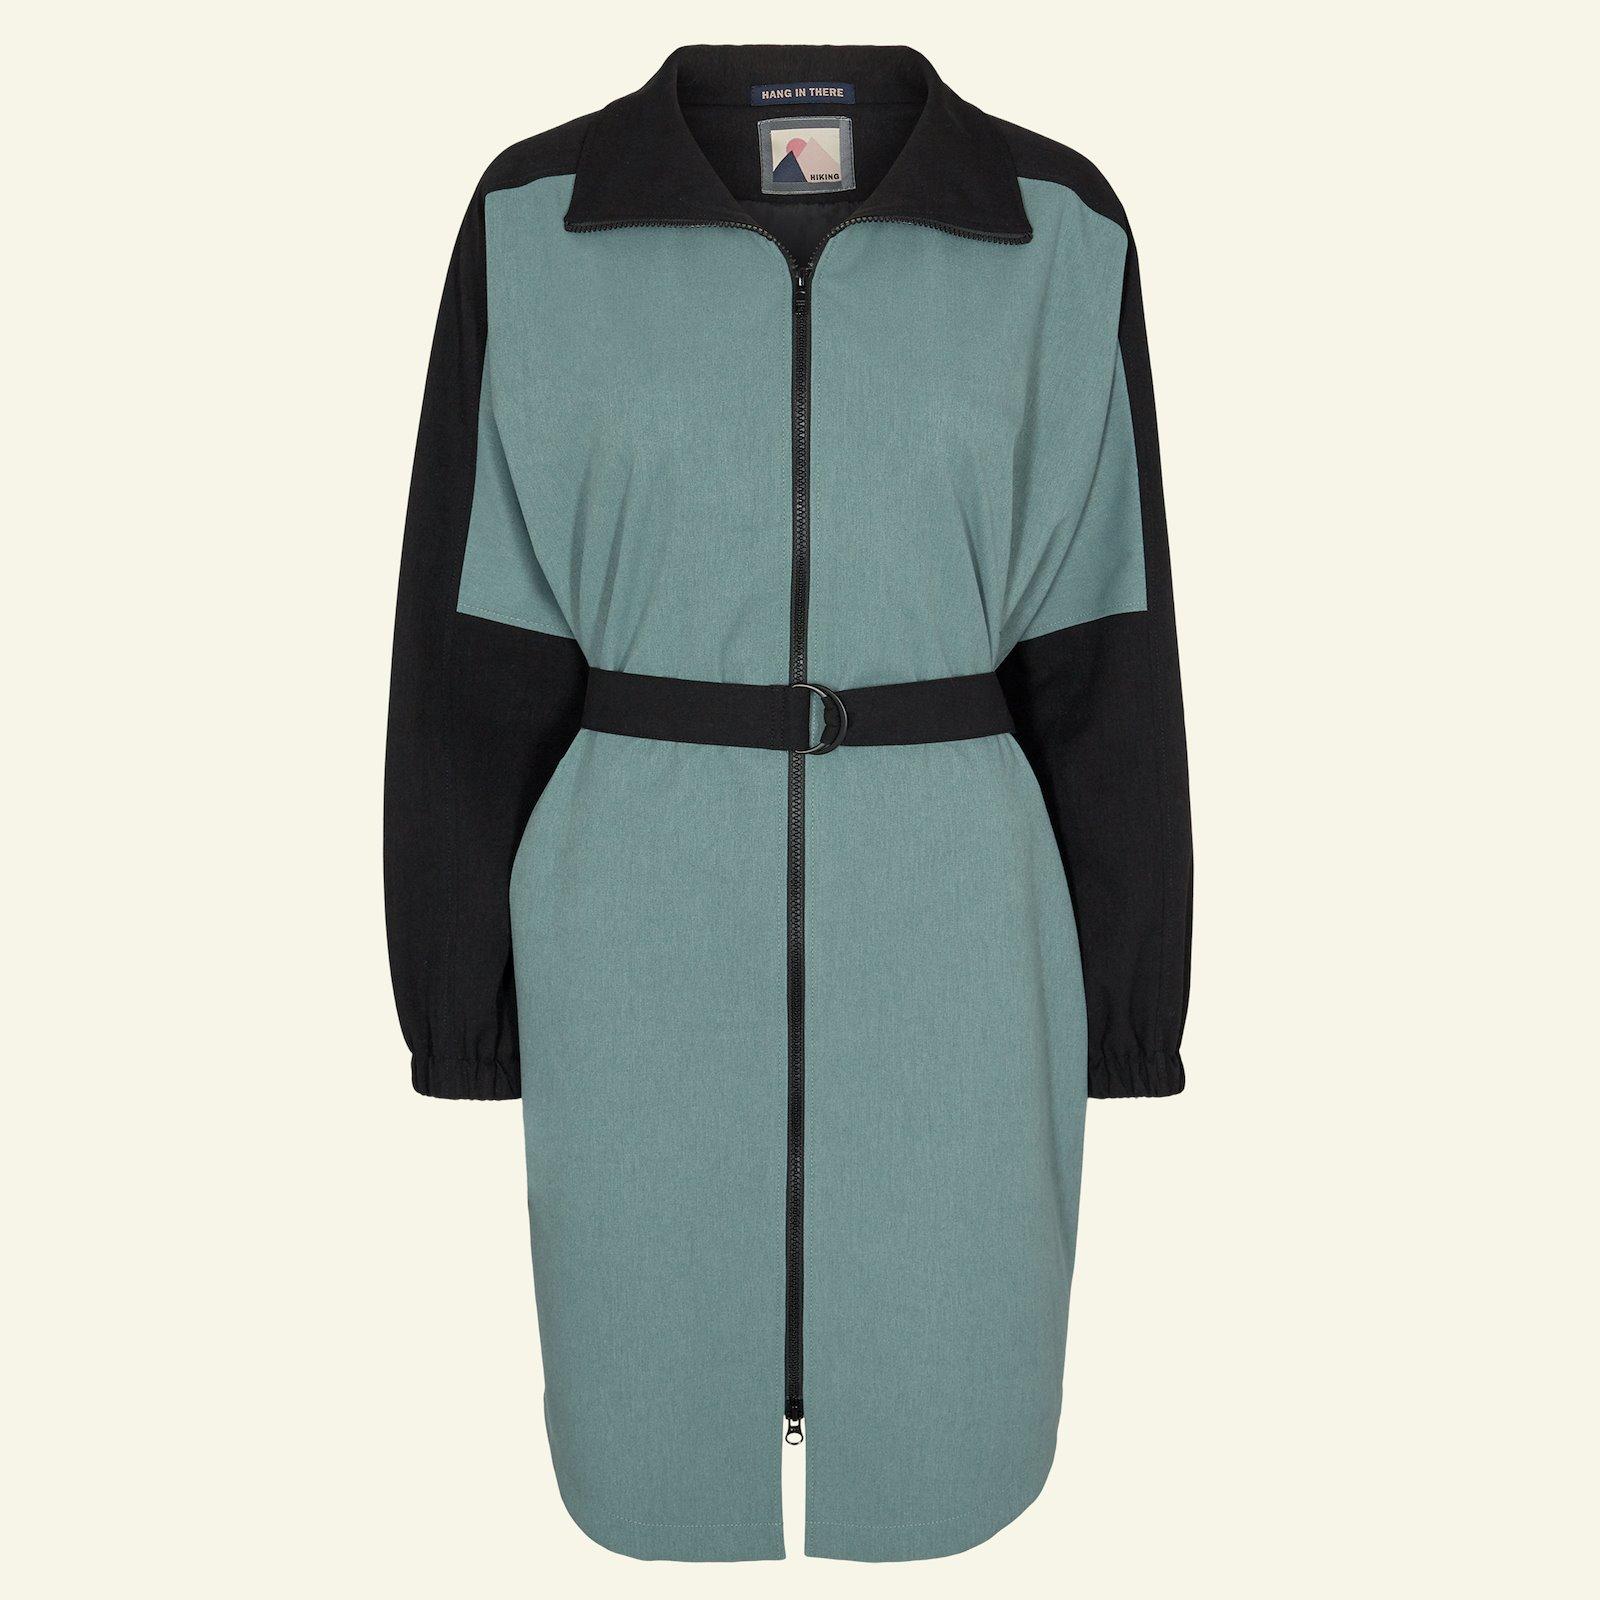 Oversize coat p24046_650744_650748_26519_43137_sskit